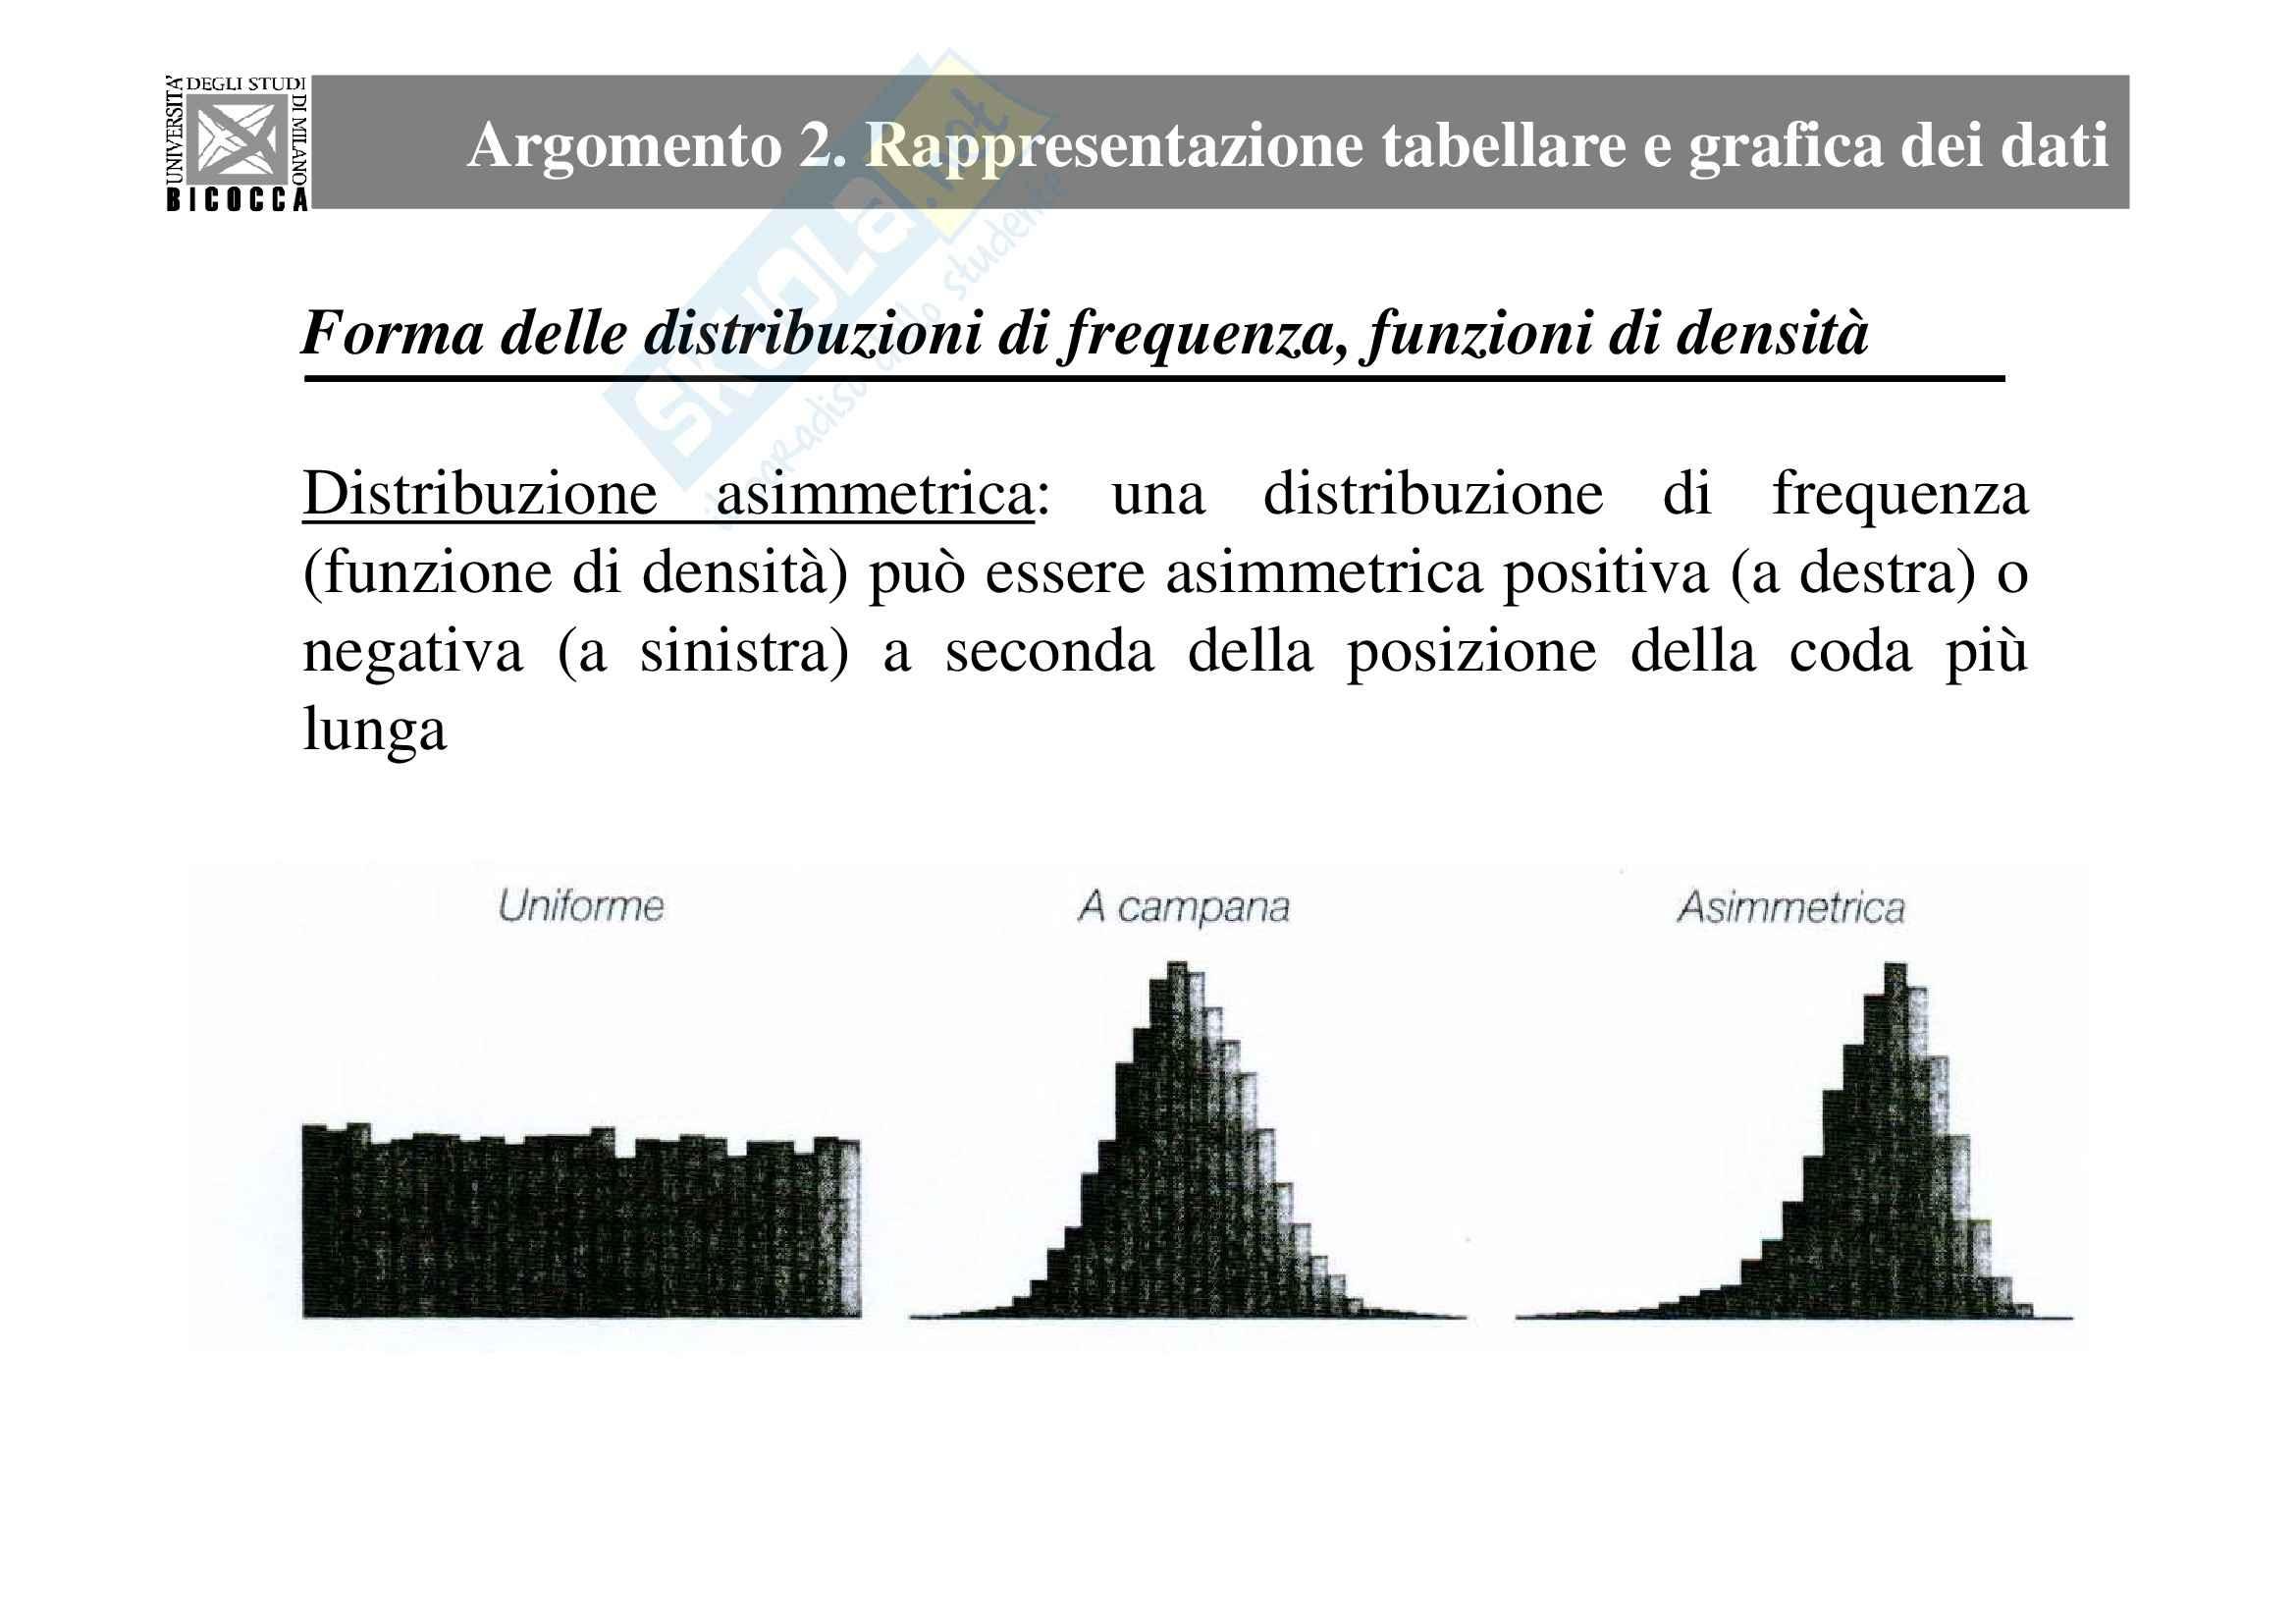 Statistica - la rappresentazione tabellare e grafica dei dati Pag. 31